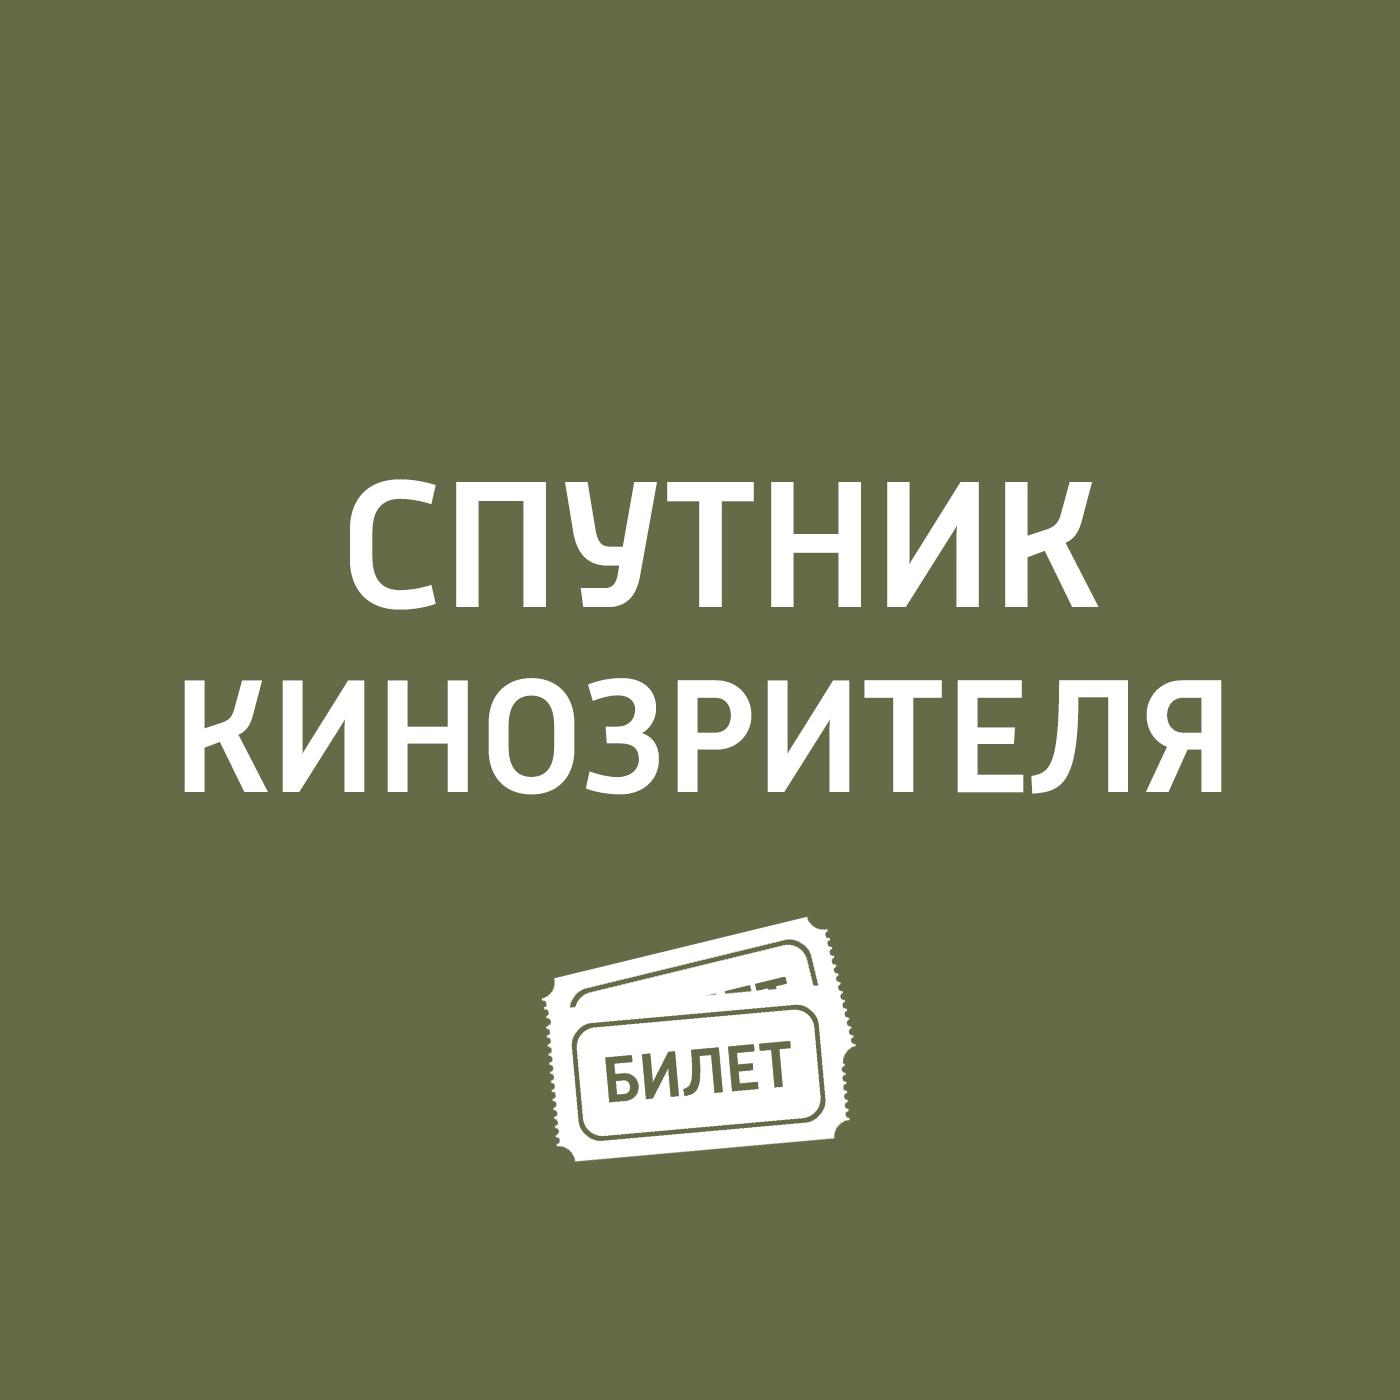 Антон Долин Мачо и ботан 2, «Теорема Зеро антон долин цунами 3d